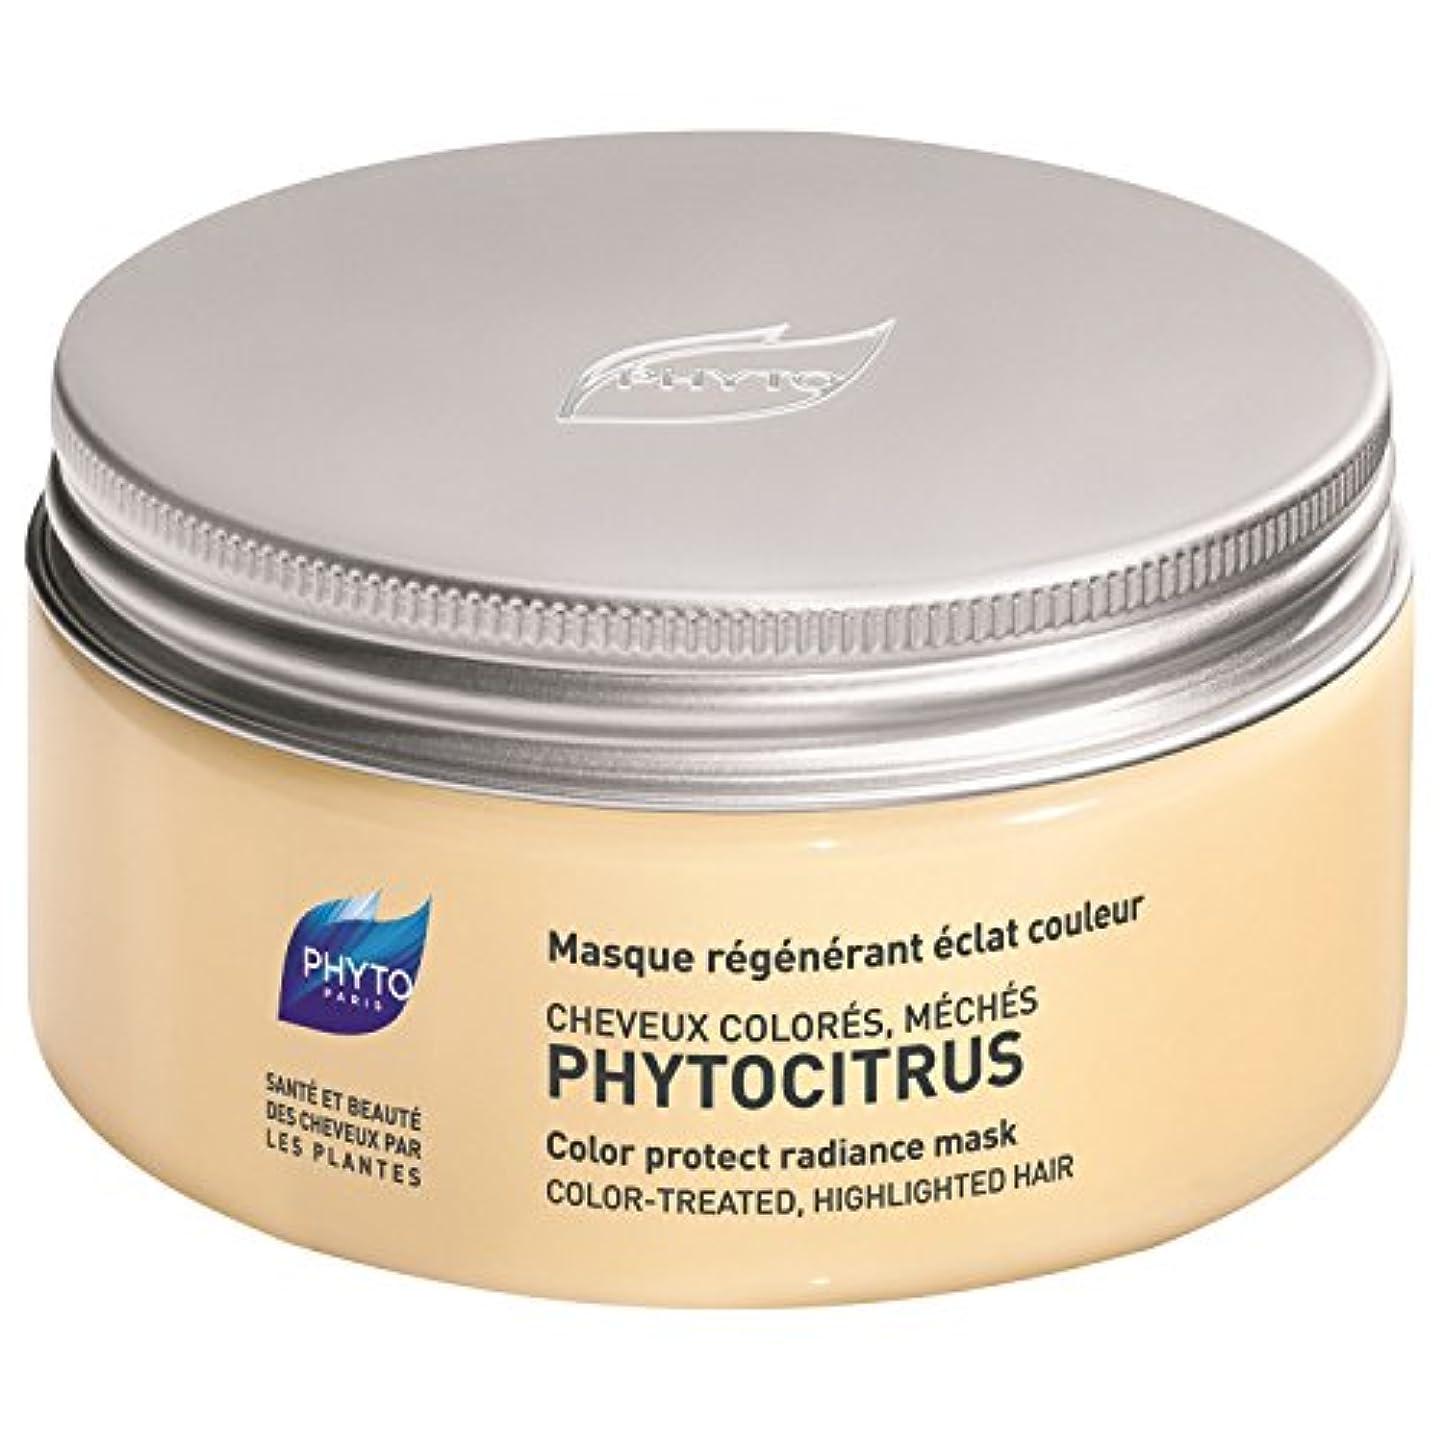 チャーター役職拒絶するフィトPhytocitrus色保護放射輝度マスク200ミリリットル (Phyto) (x6) - Phyto Phytocitrus Colour Protect Radiance Mask 200ml (Pack of...